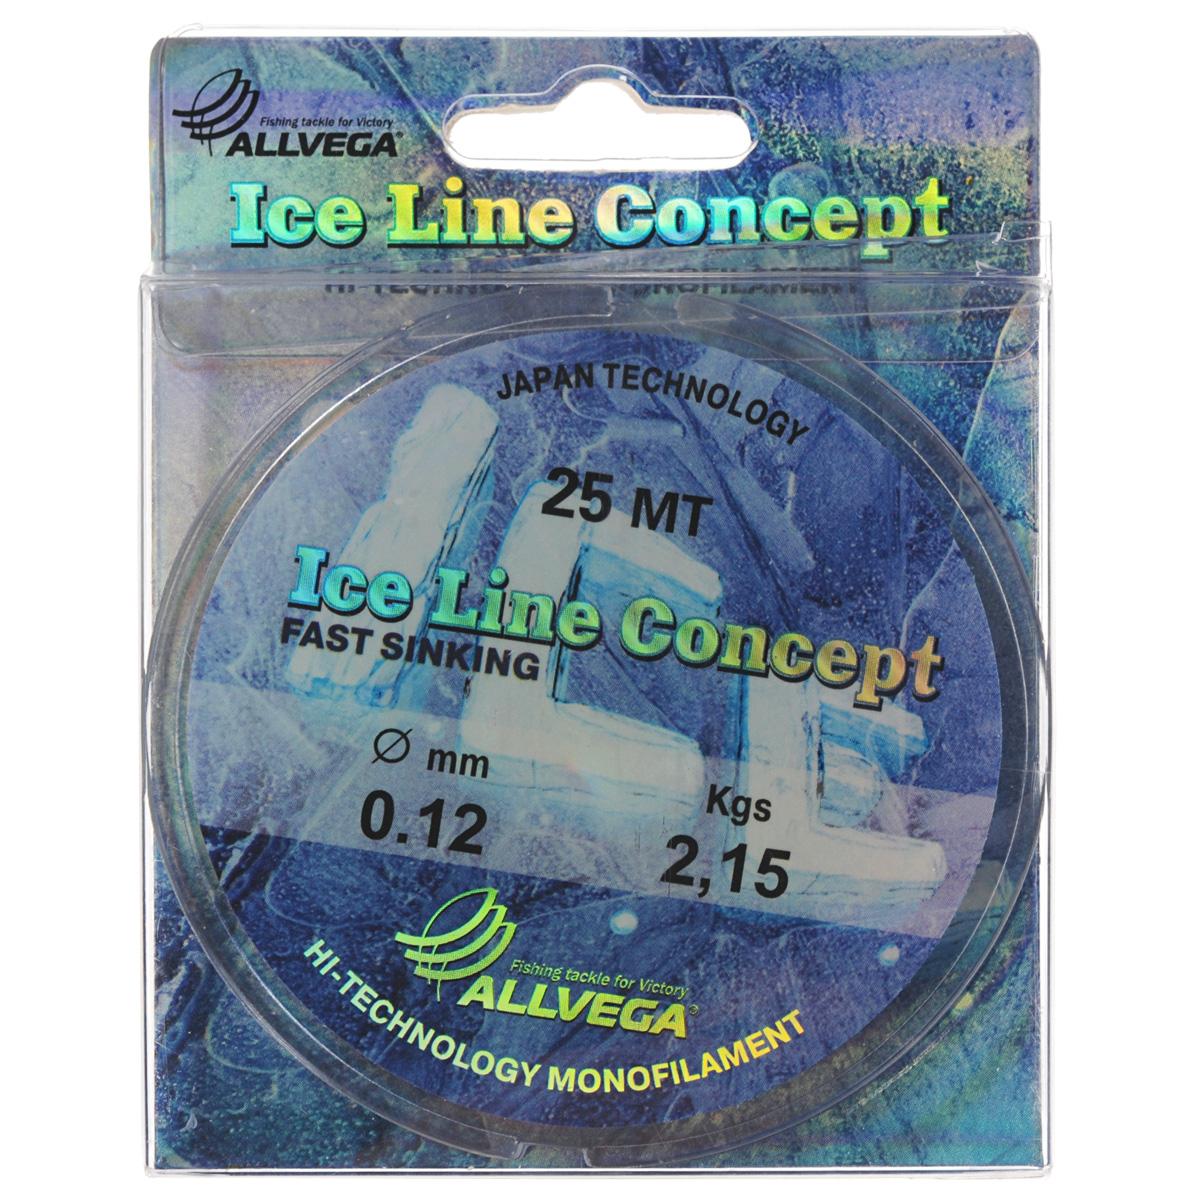 Леска Allvega Ice Line Concept, сечение 0,12 мм, длина 25 м13-12-17-231Специальная зимняя леска Allvega Ice Line Concept для низких температур. Прозрачная и высокопрочная. Отсутствие механической памяти, позволяет с успехом использовать ее для ловли на мормышку.